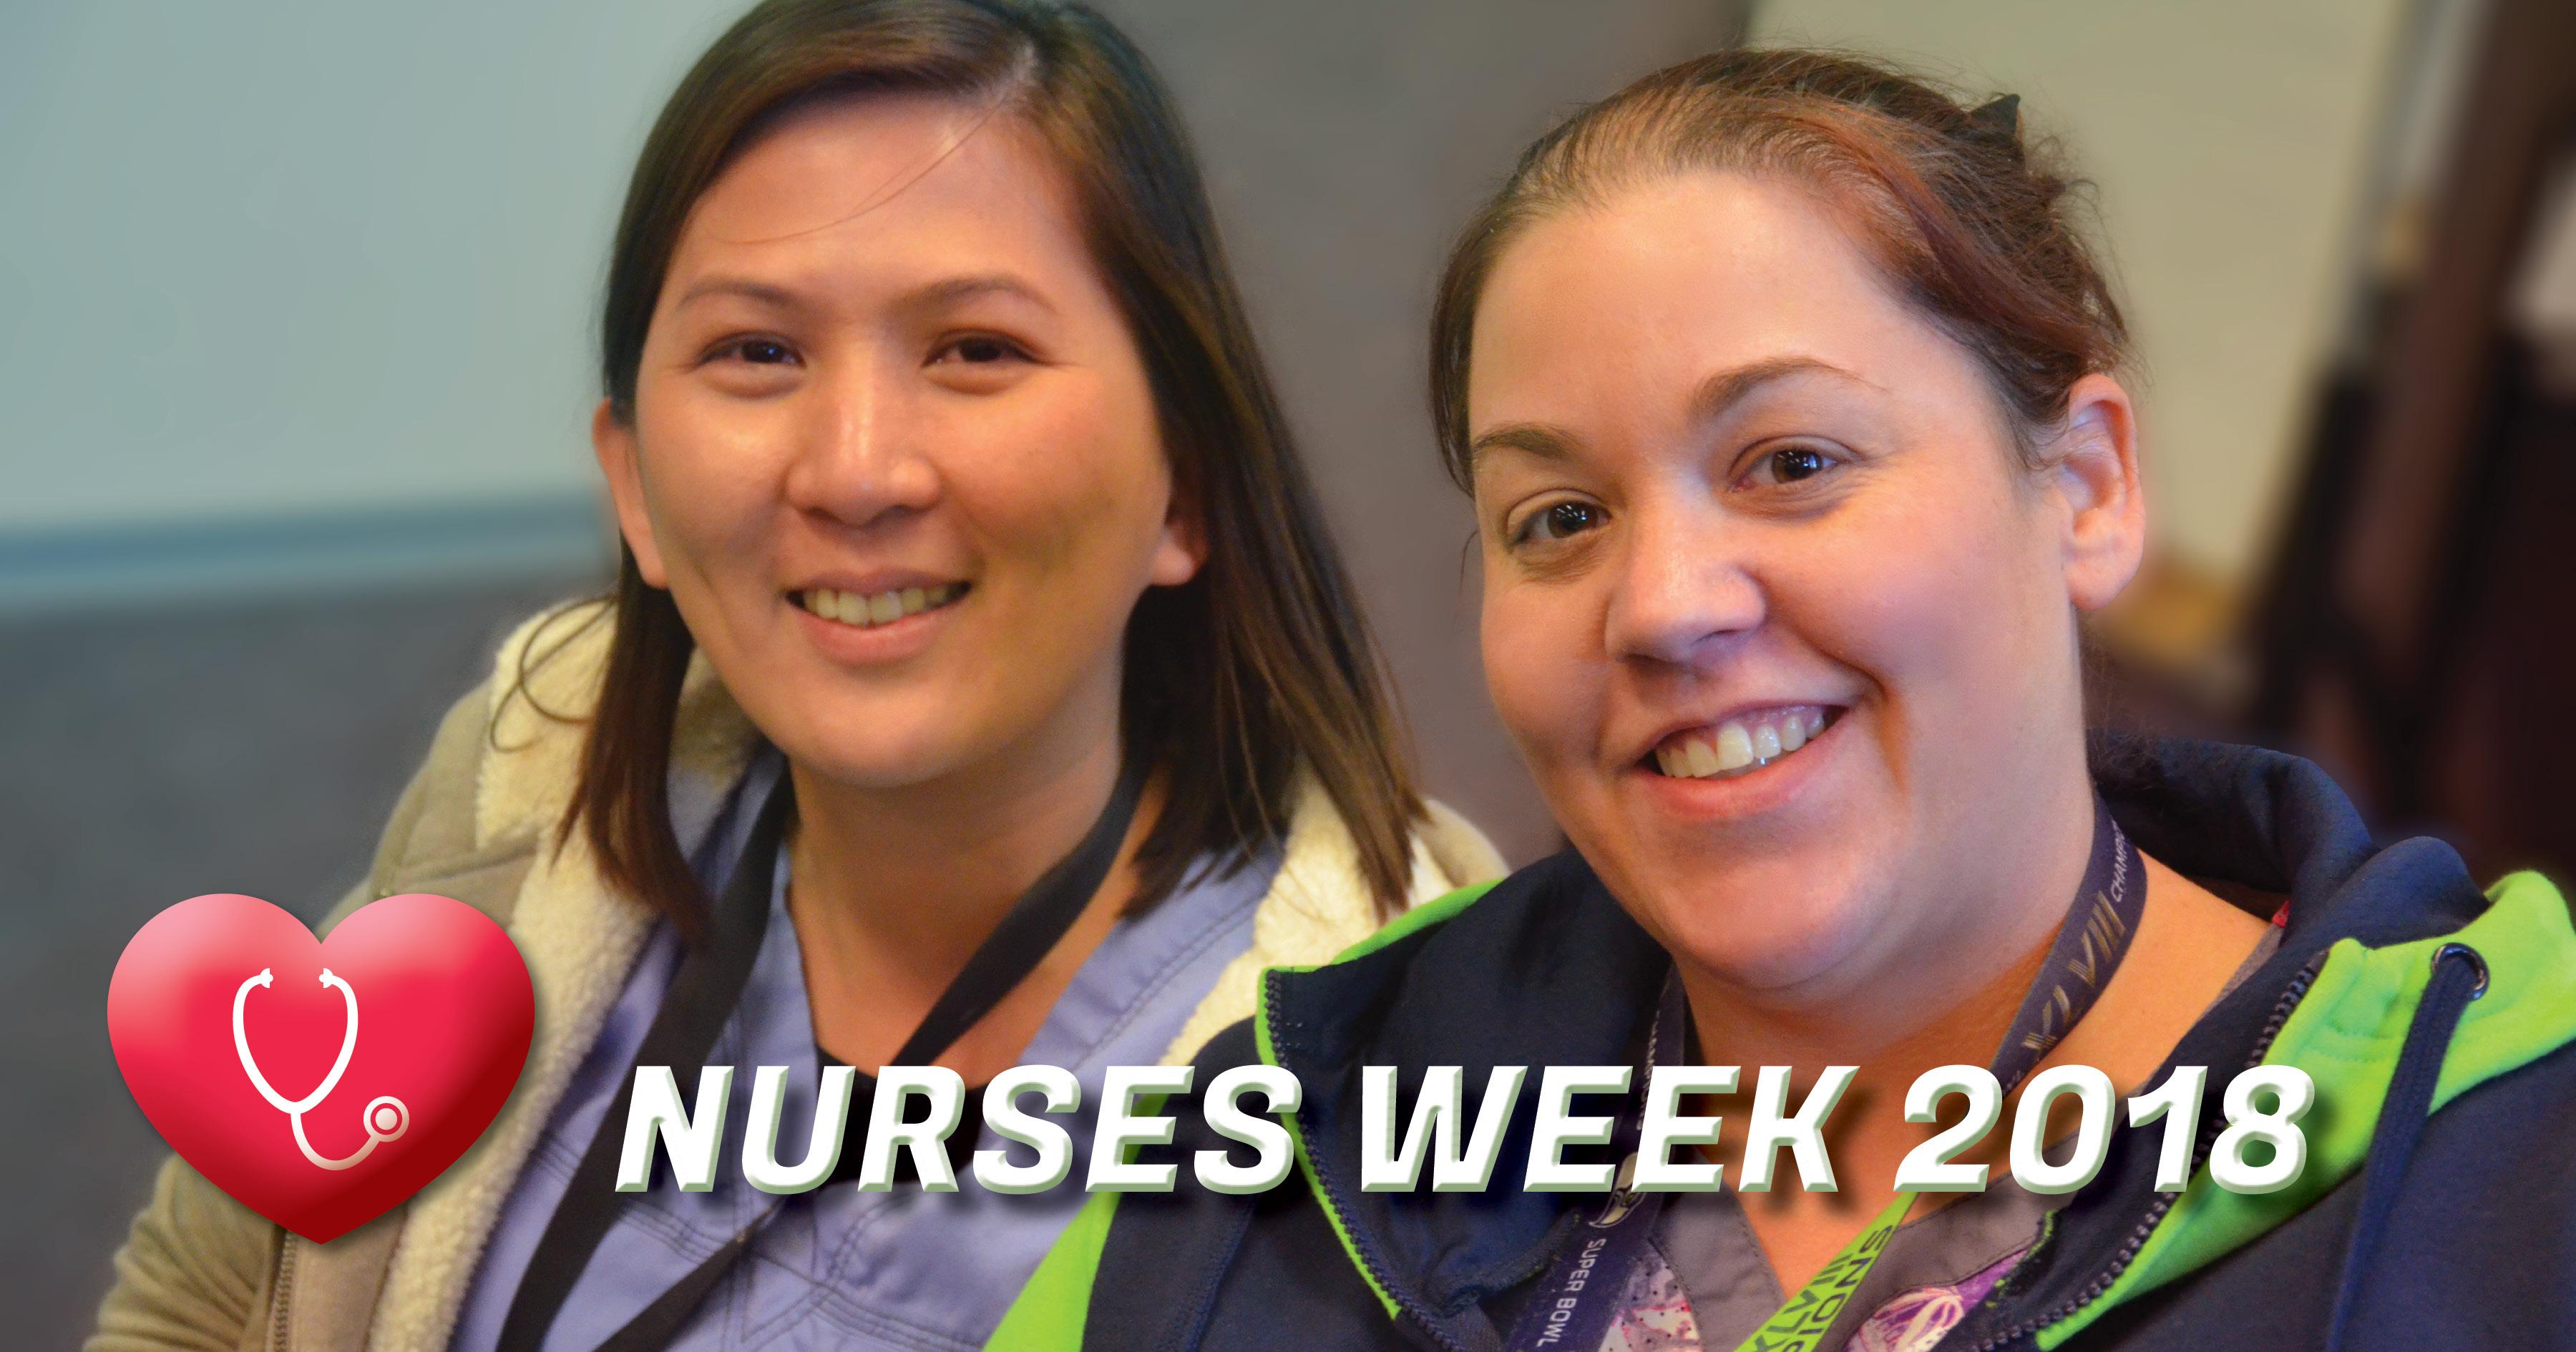 Nurses_week.jpg